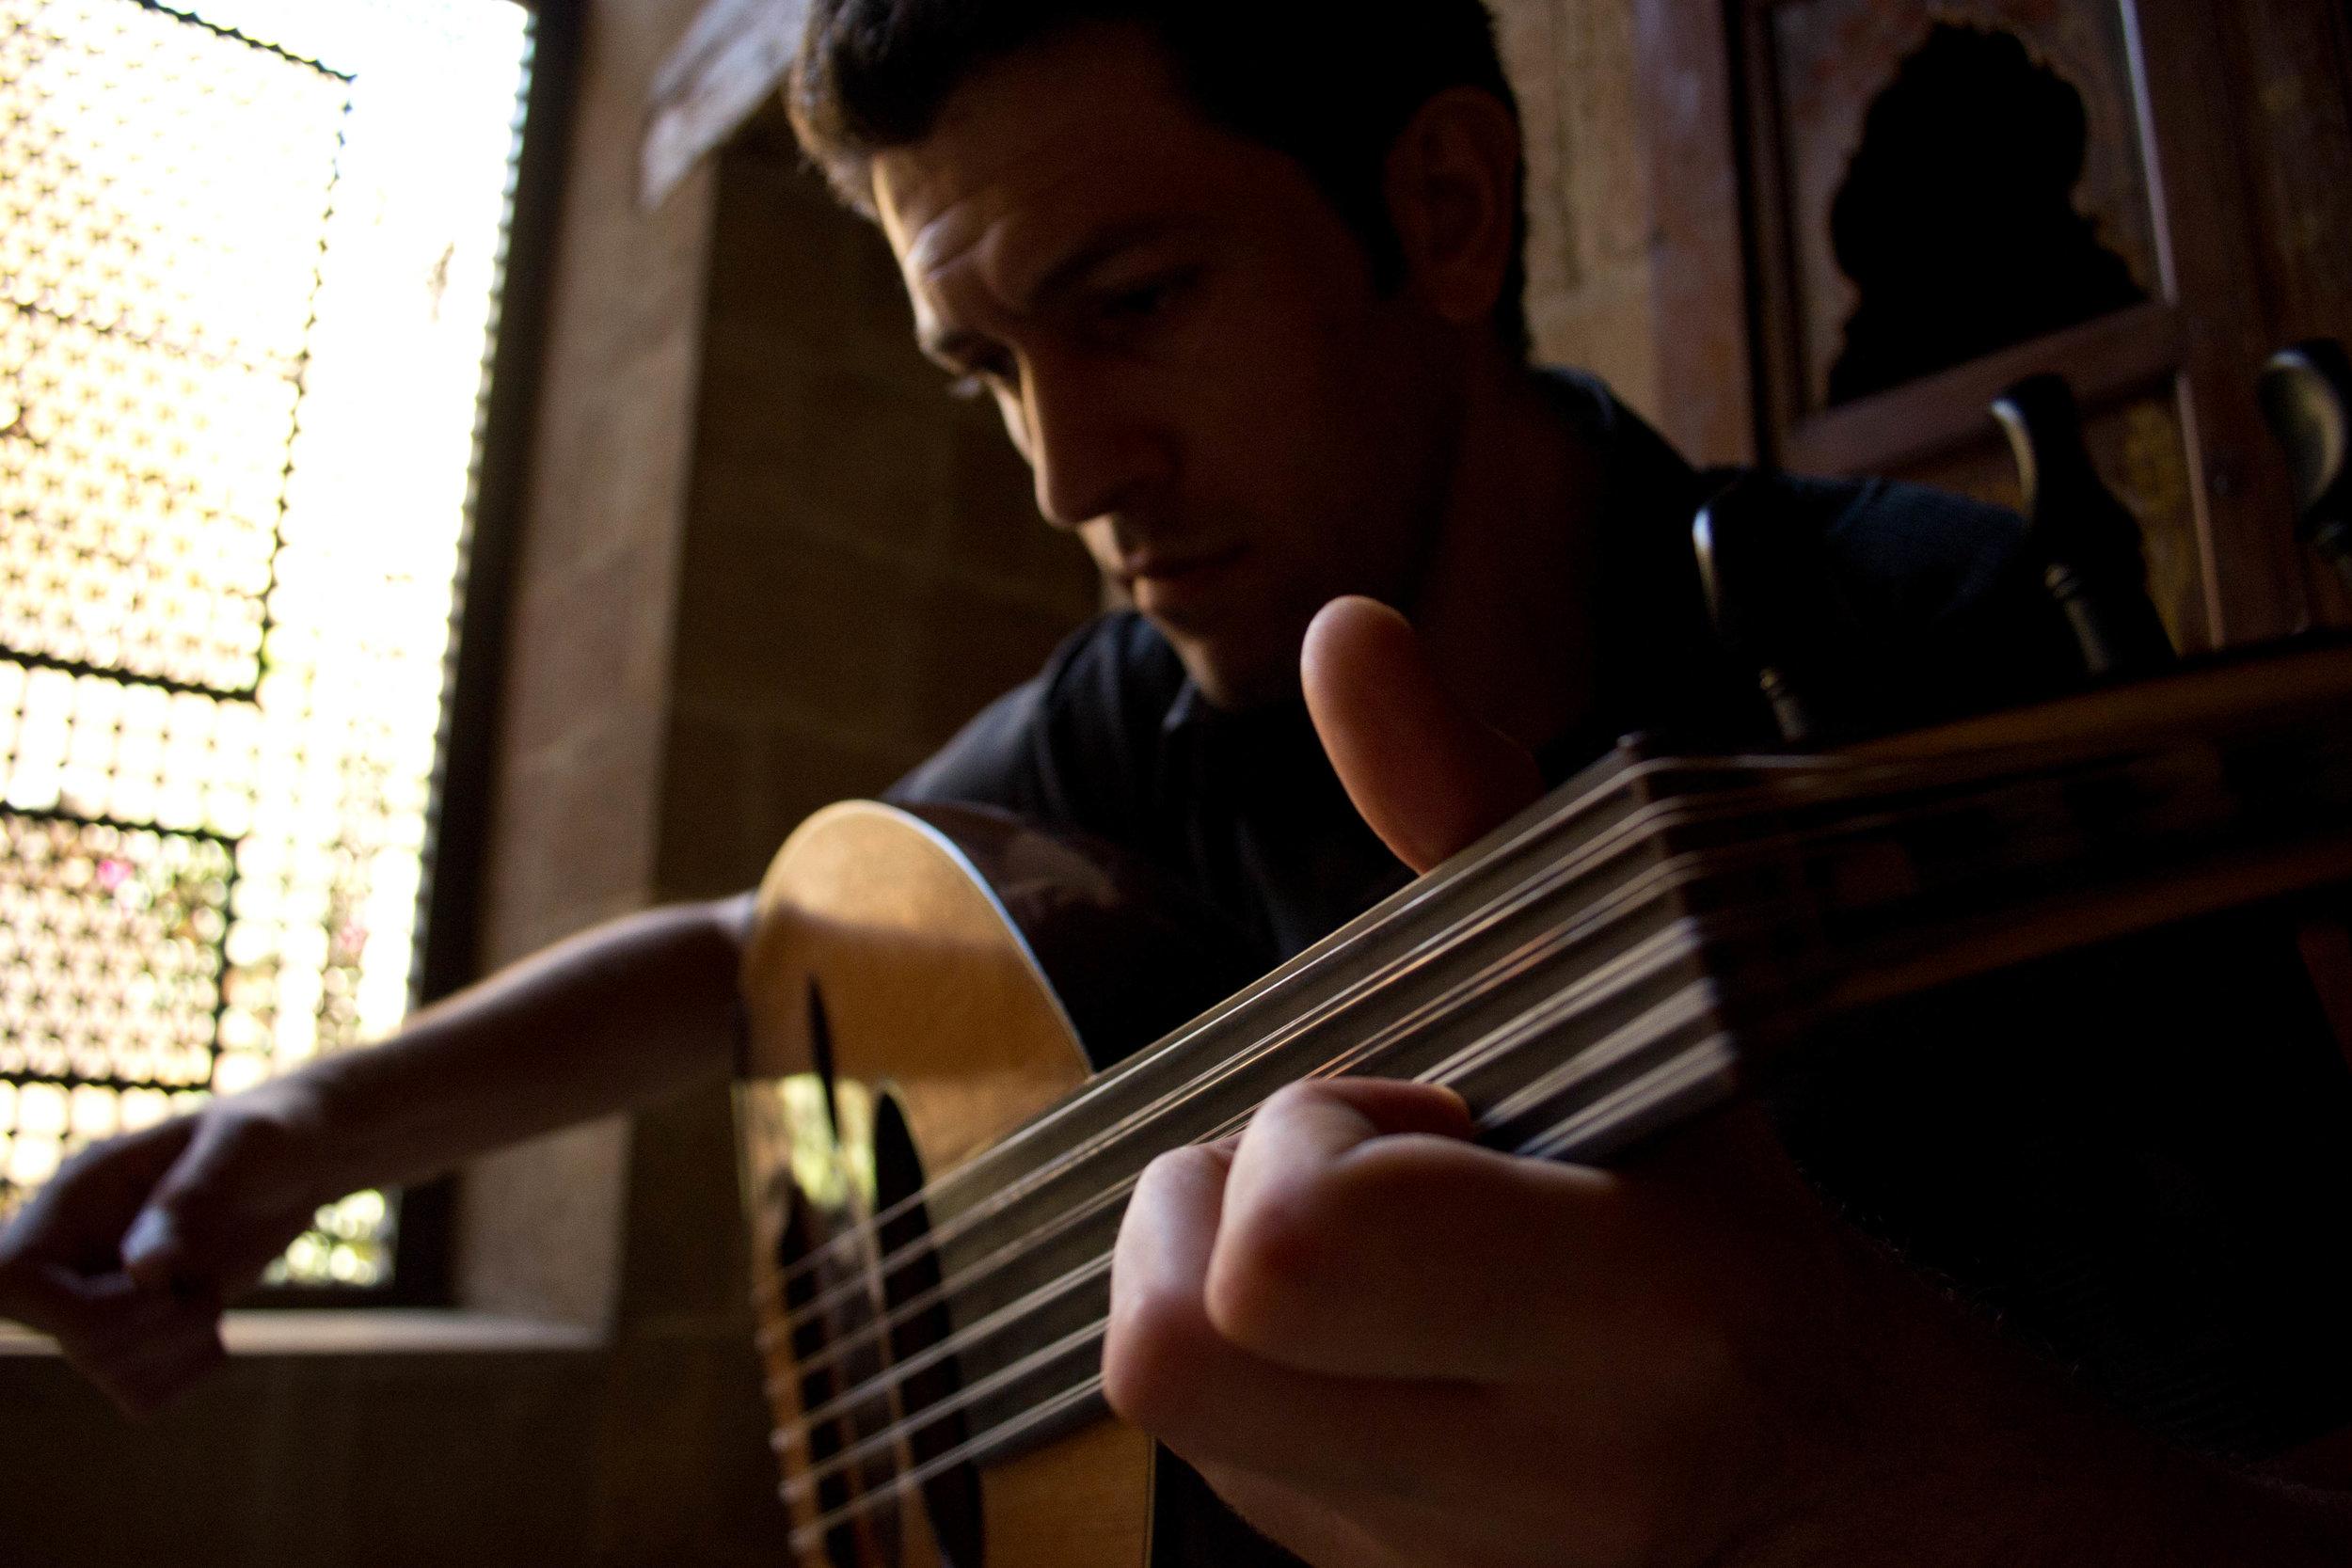 Nabils flugt - En fortælling i syv kapitler om en syrisk musikers flugt til Europa. Jeg fulgte ham fra hans forberedelser i Kairo til hans ankomst i Berlin.